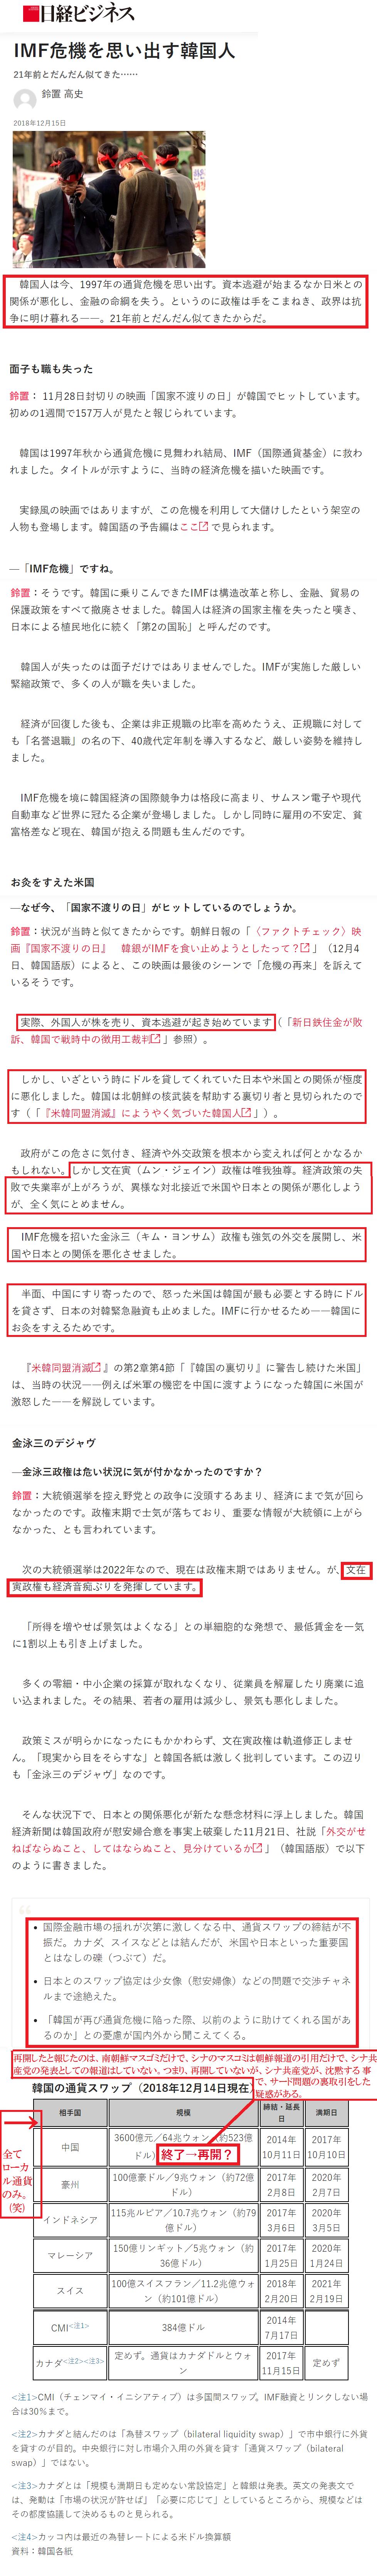 知らぬは朝鮮ばかりなりの「米韓同盟消滅」3